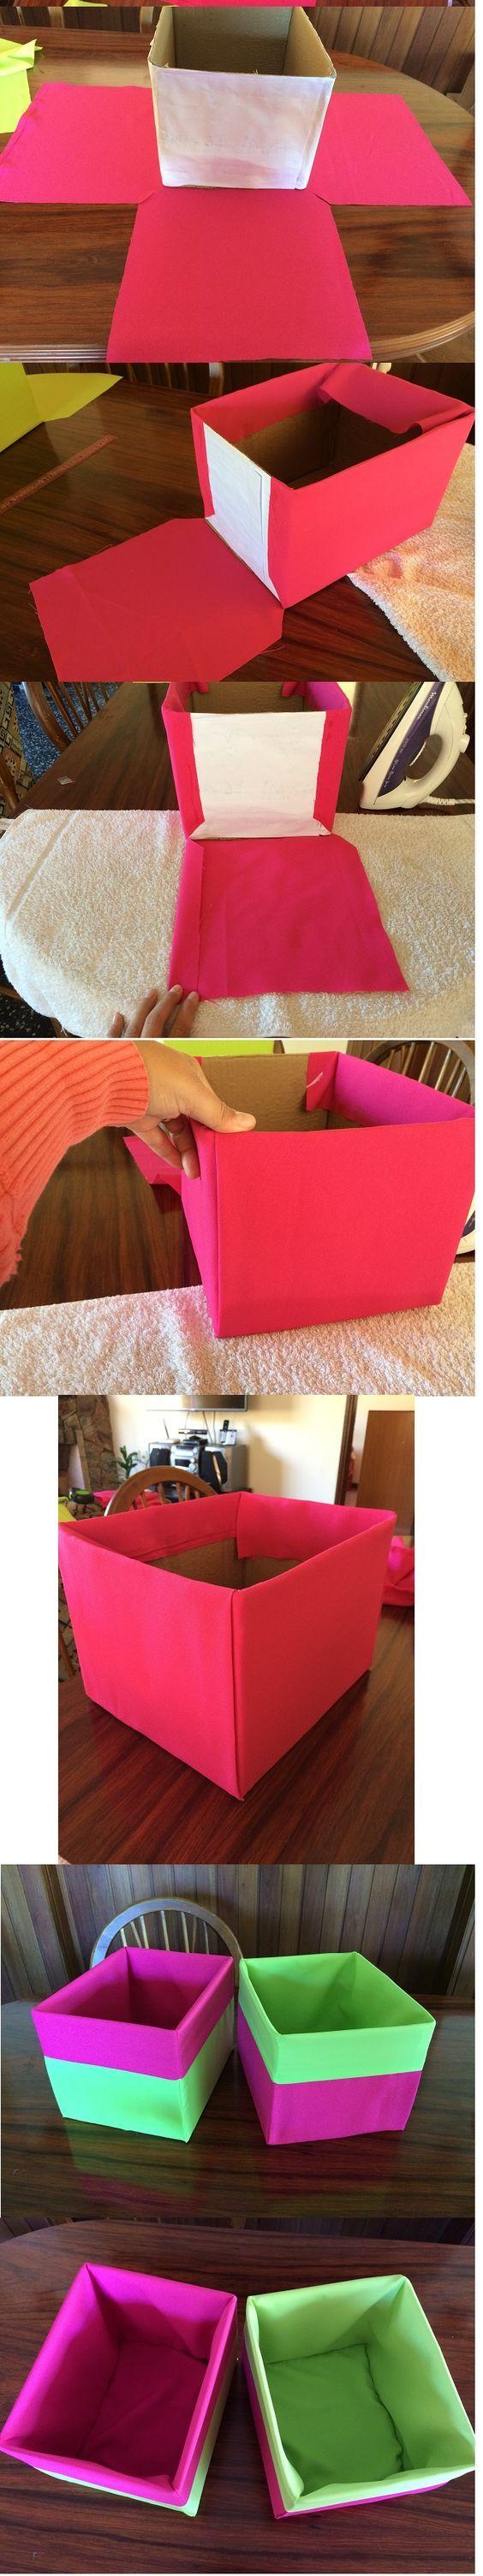 Cajas de cartón forradas con tela.: